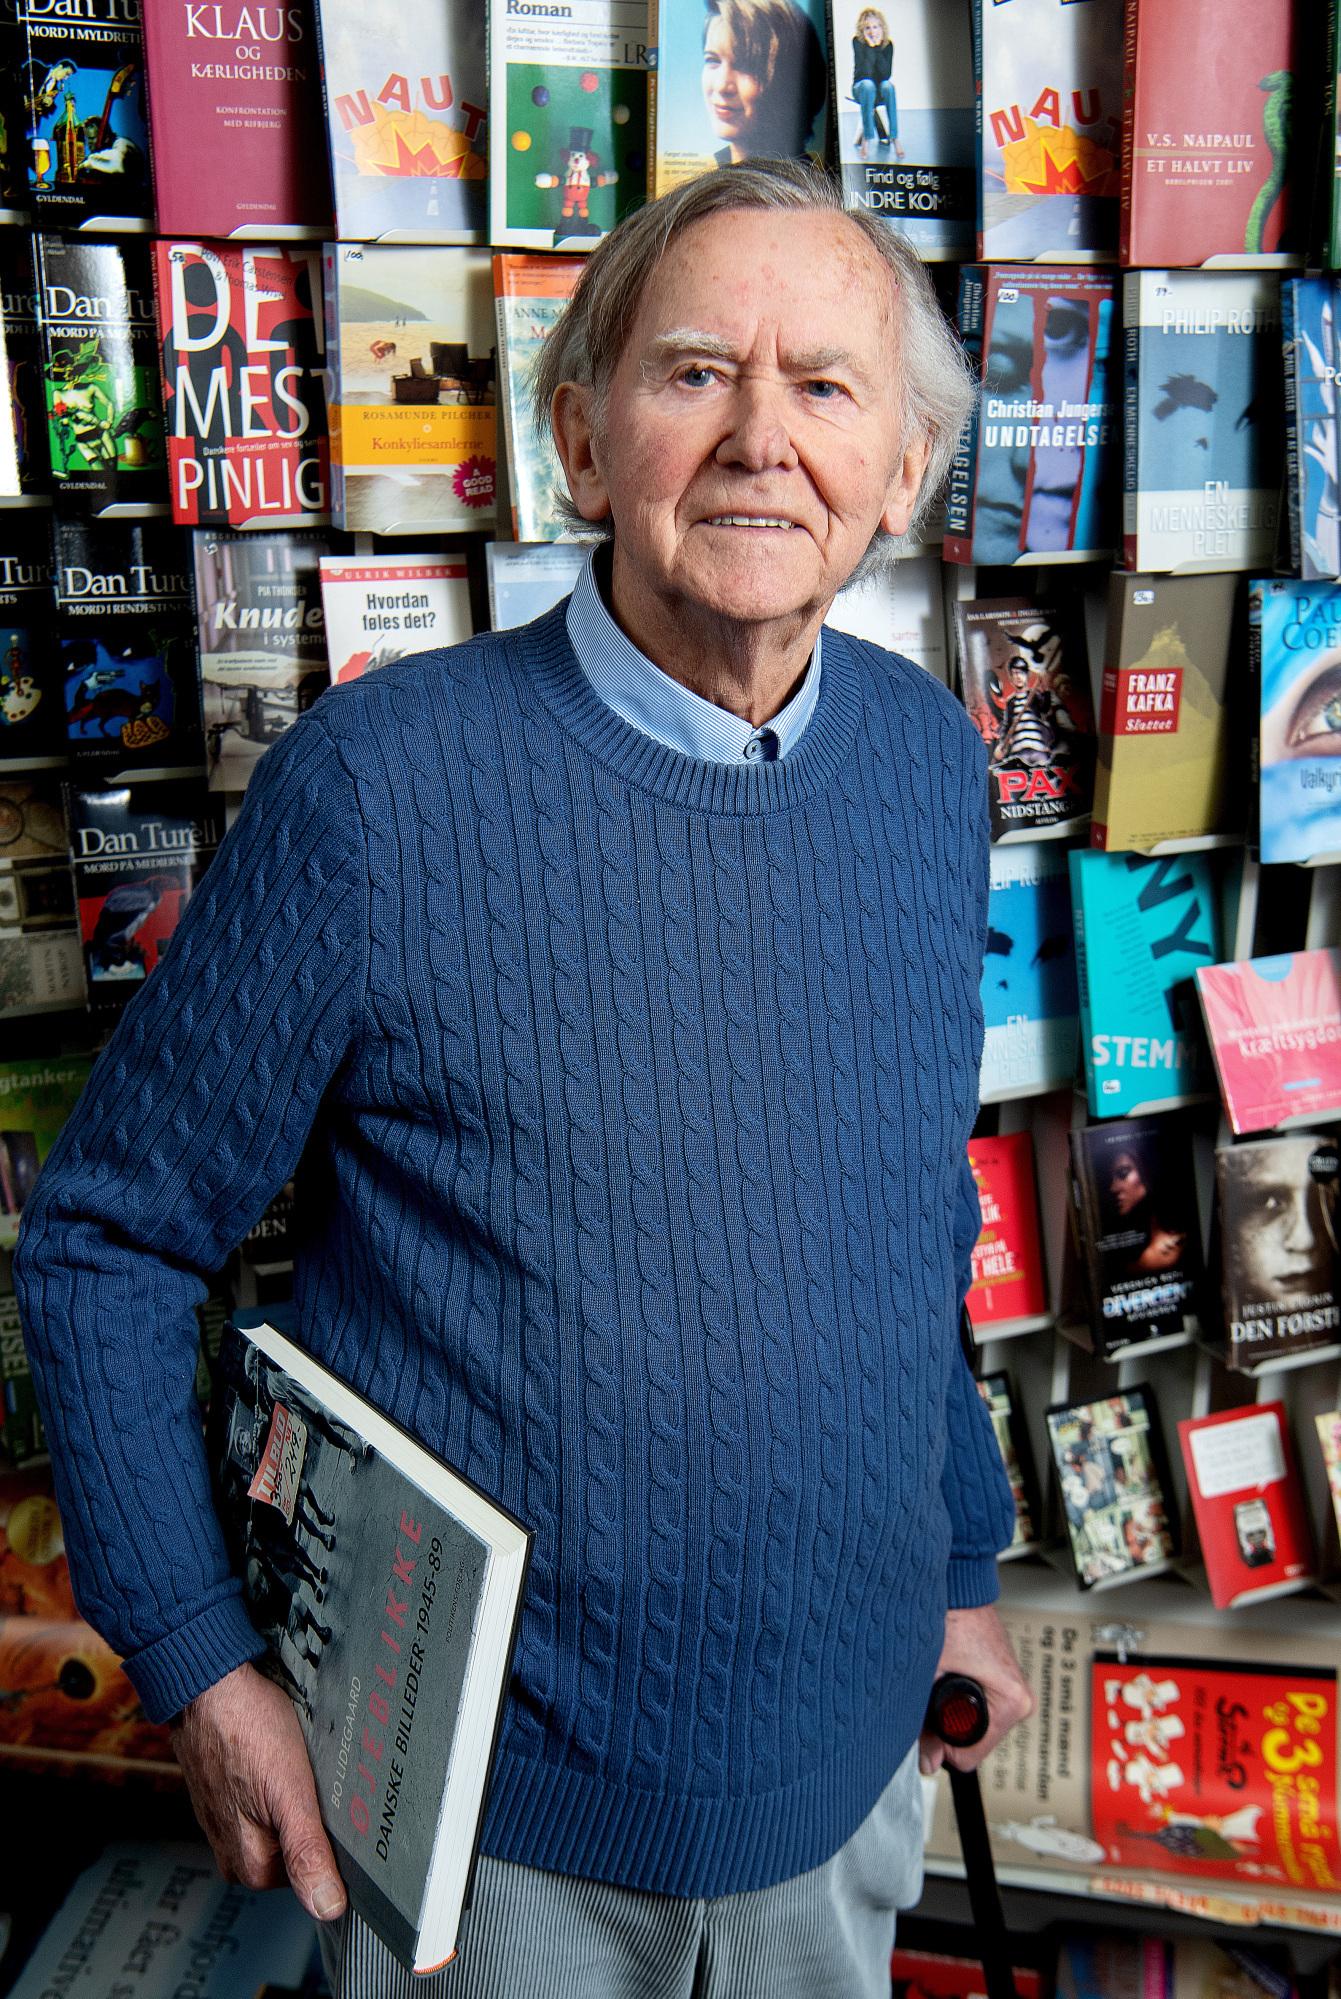 Da forfatteren mødte boghandleren på Boulevarden